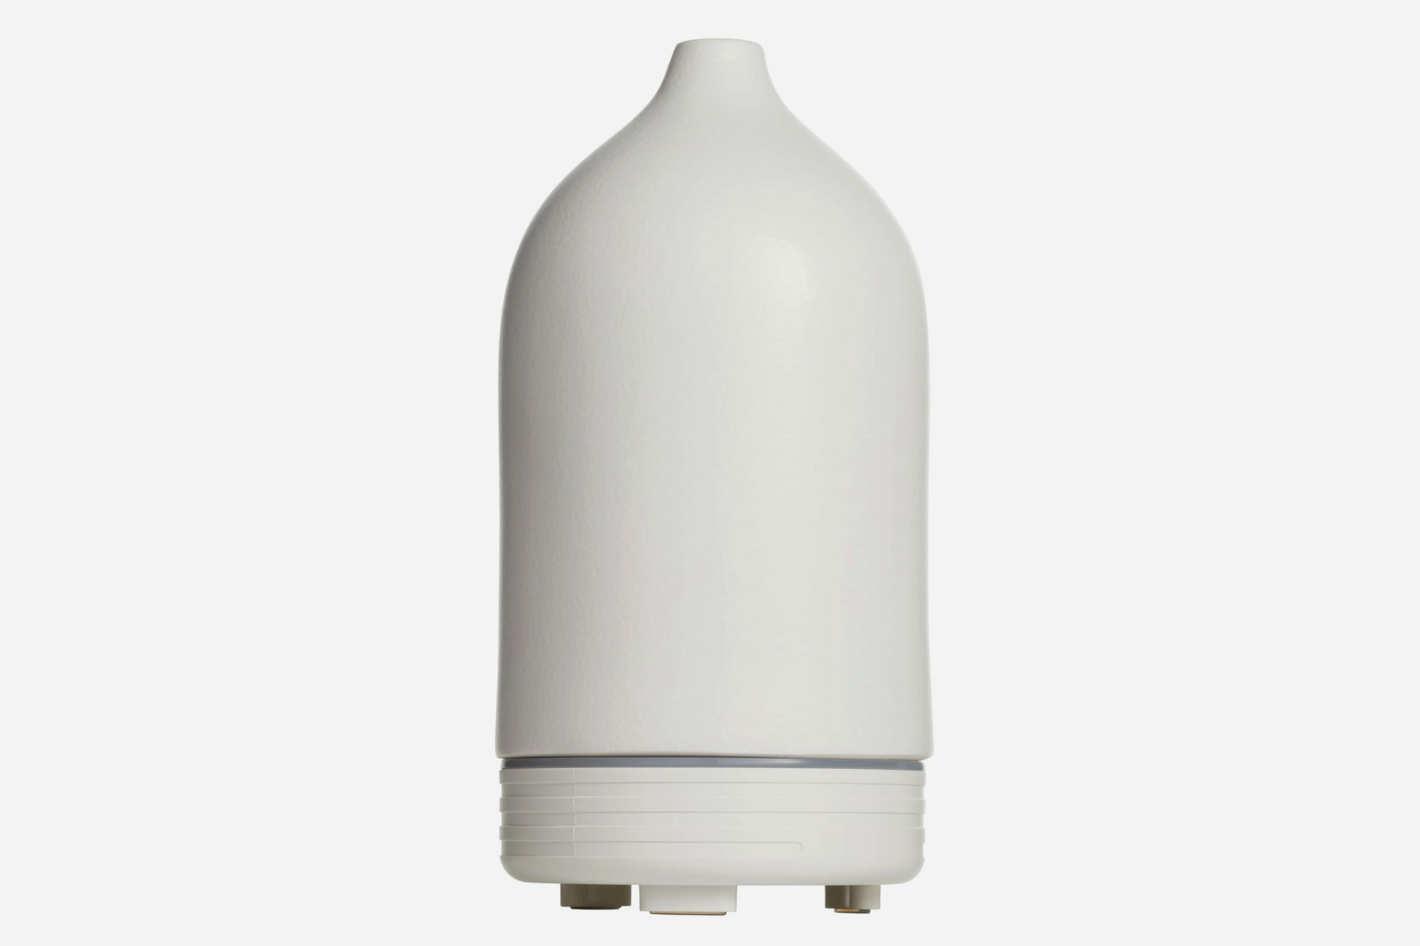 Campo White Ceramic Diffuser